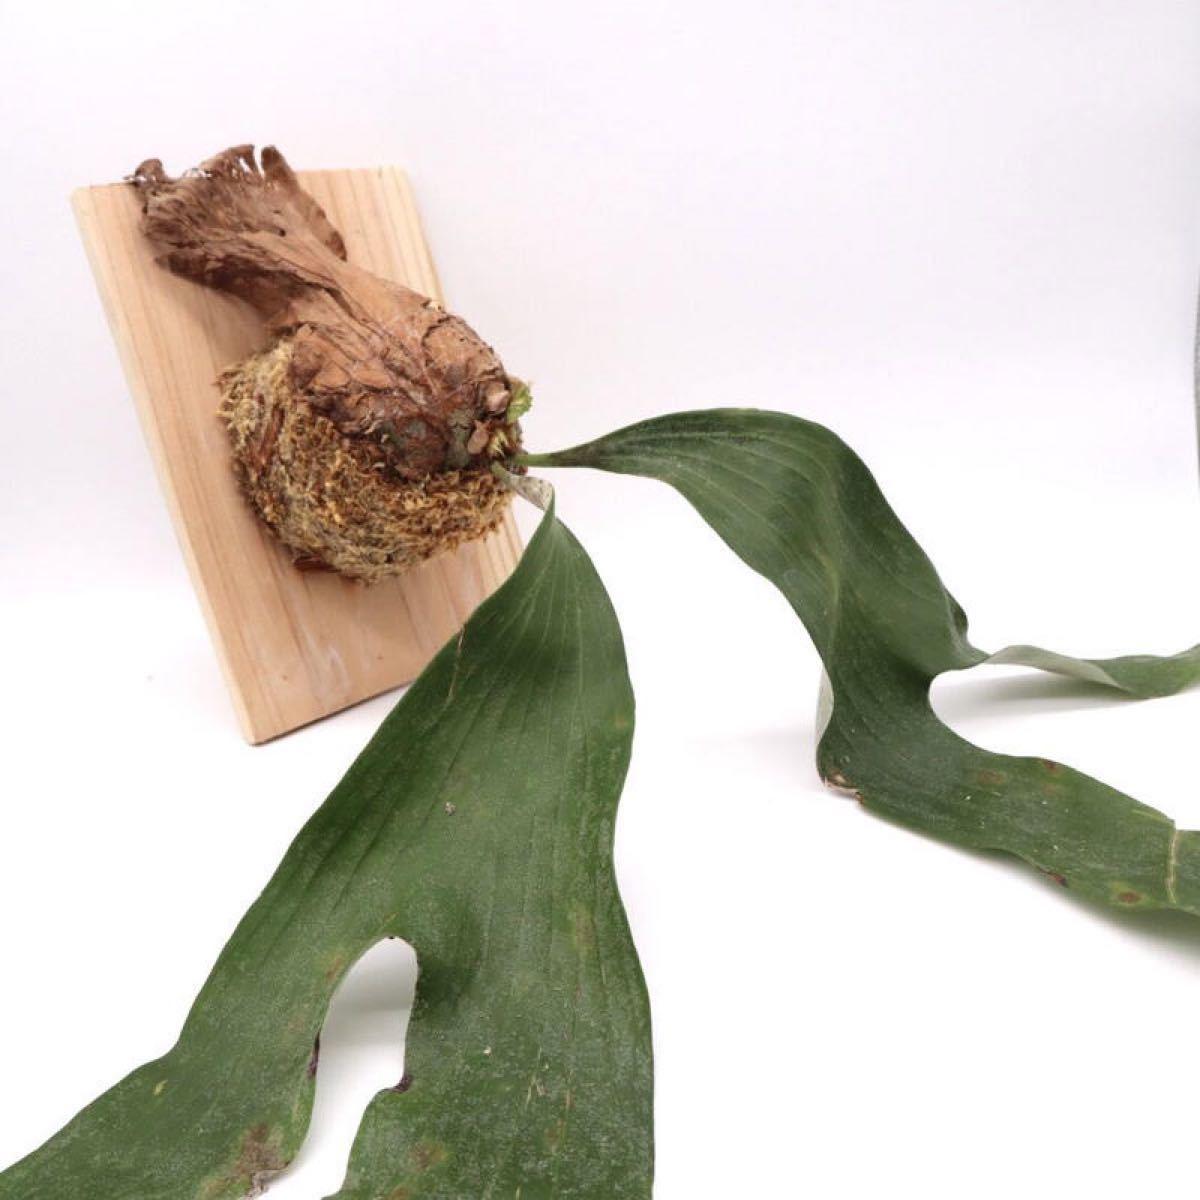 ビカクシダ ステマリア ホワイト P.stemaria cv.white 板付け 観葉植物 コウモリラン P2108-11